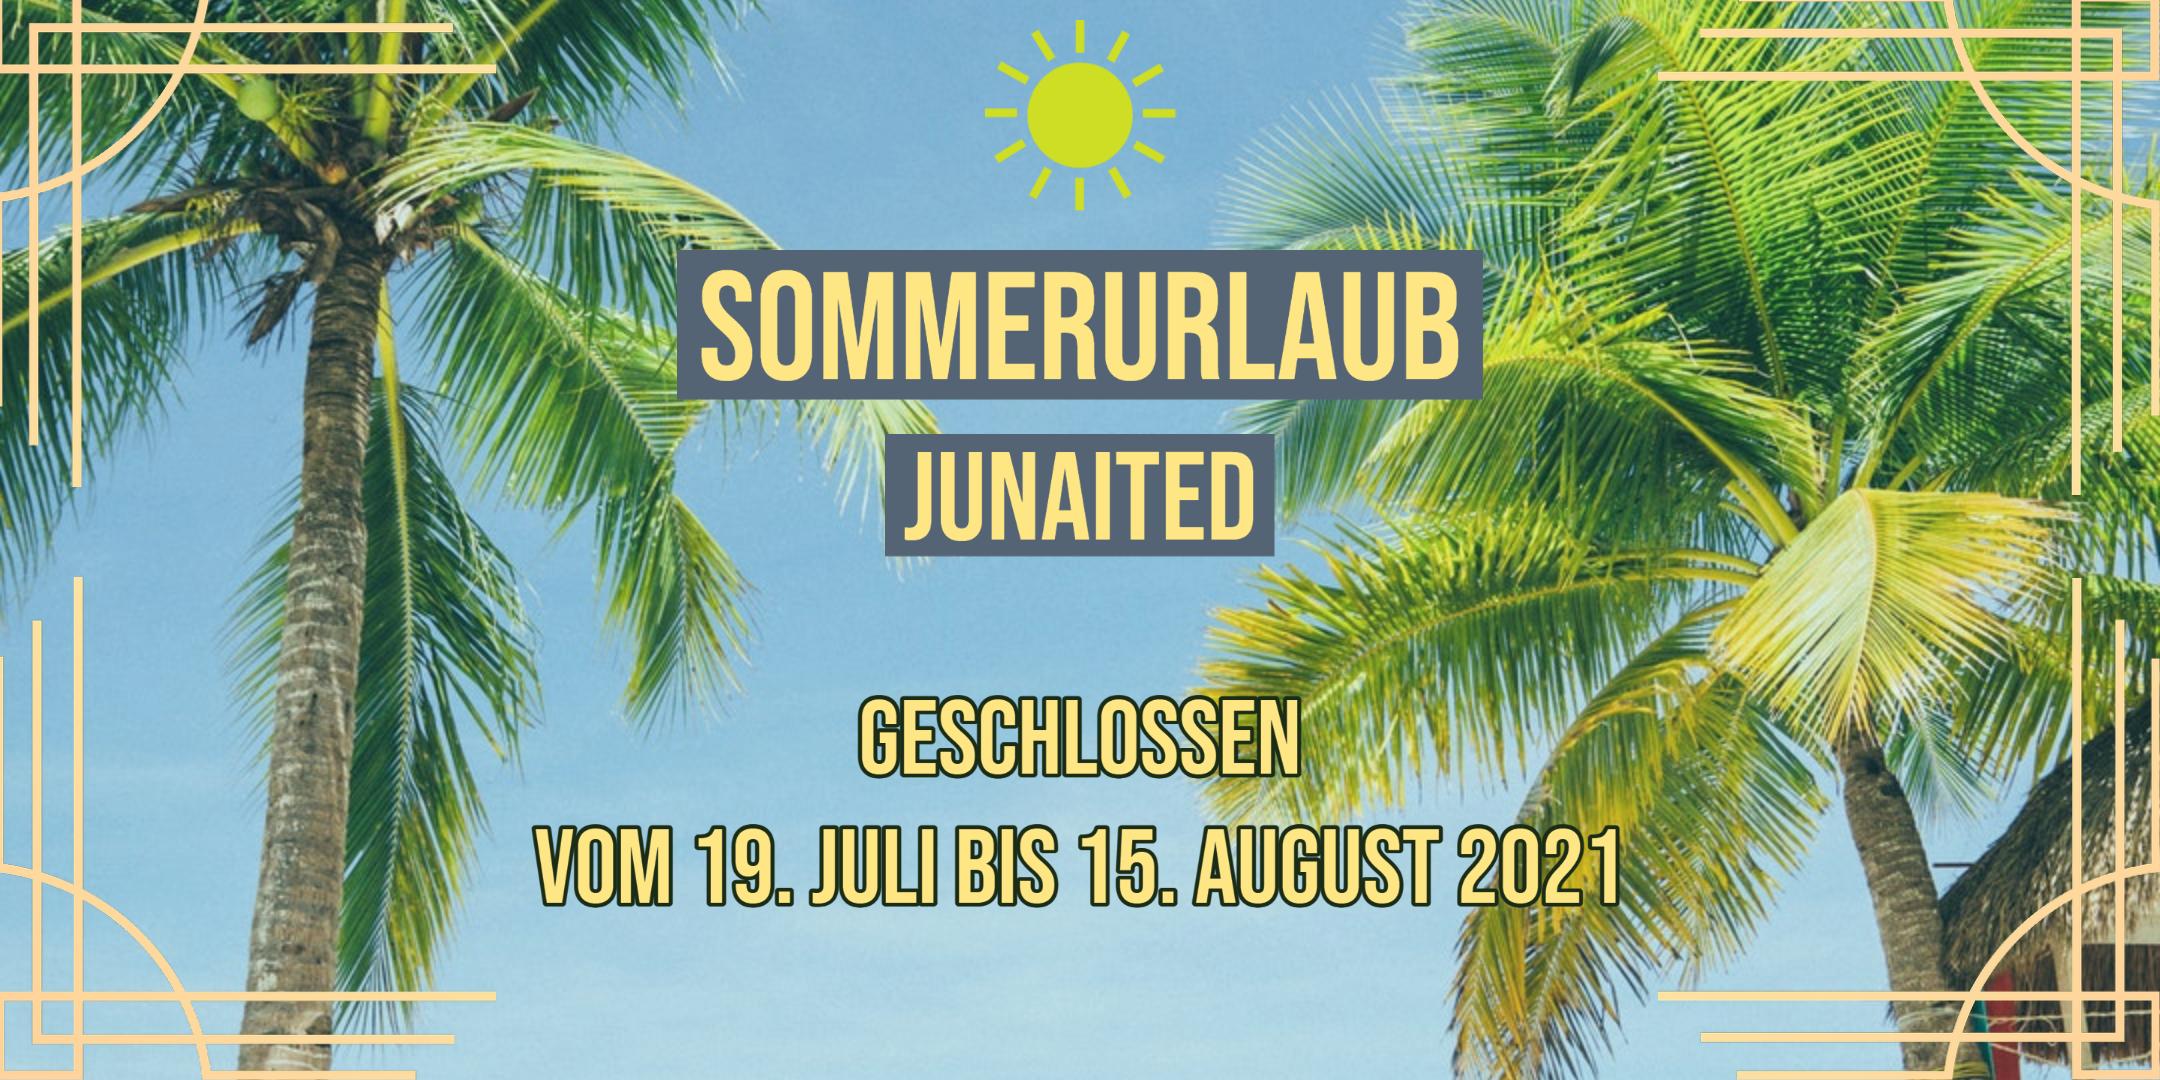 Sommerurlaub 2021 breit